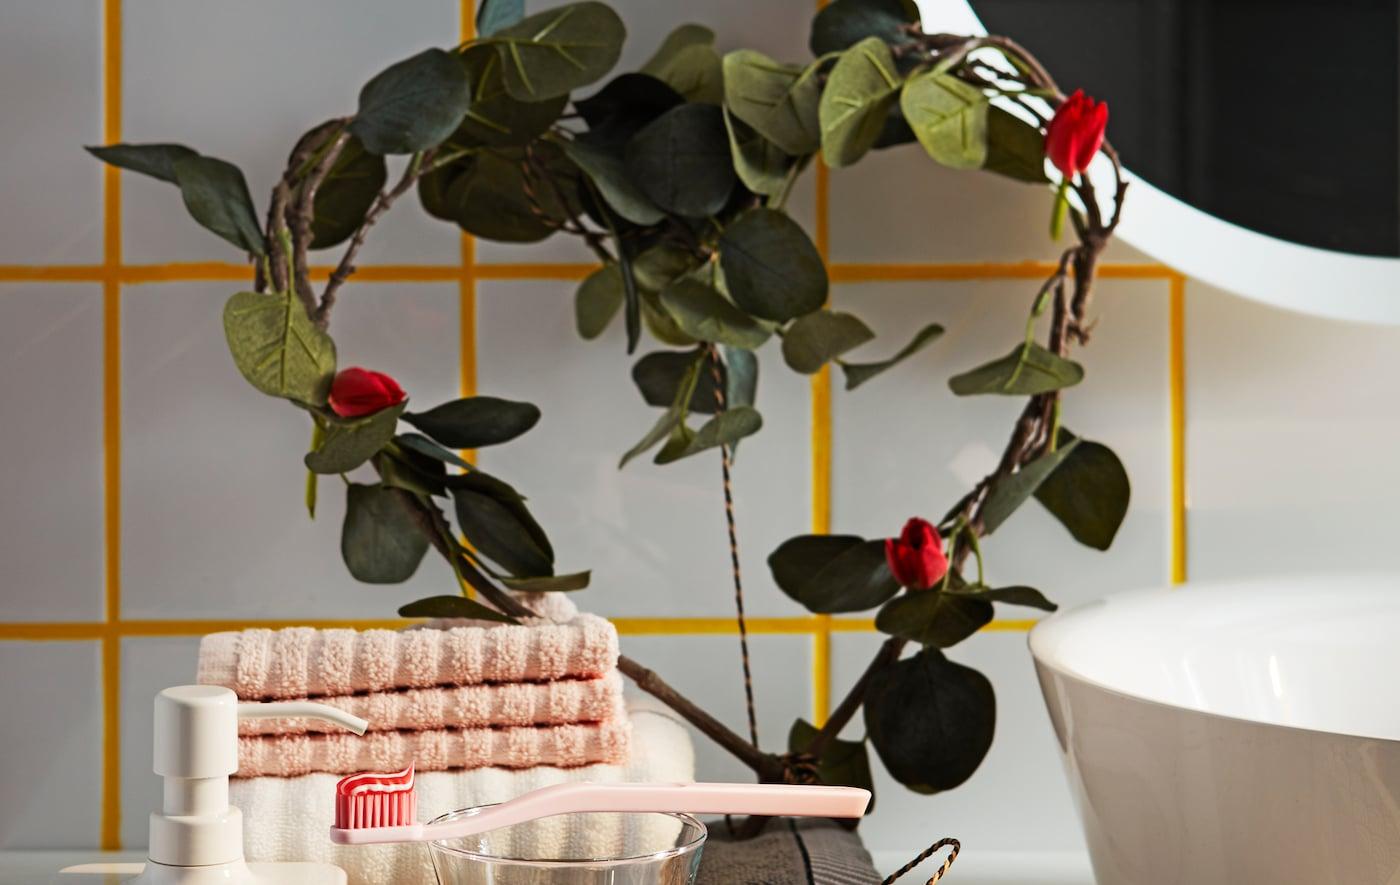 浴室搁板上装点着宜家仿桉木绿色心形 SMYCKA 思米加 人造枝叶。